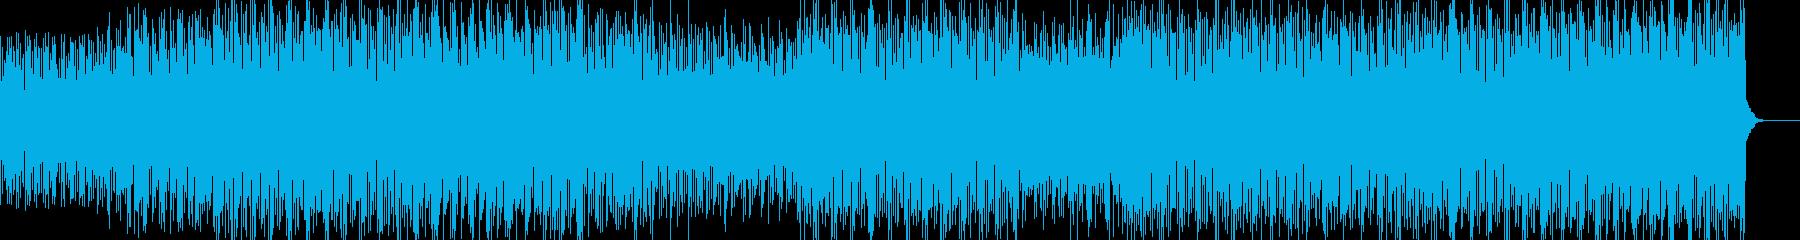 幻想パワフルデジロック高速ビート180秒の再生済みの波形